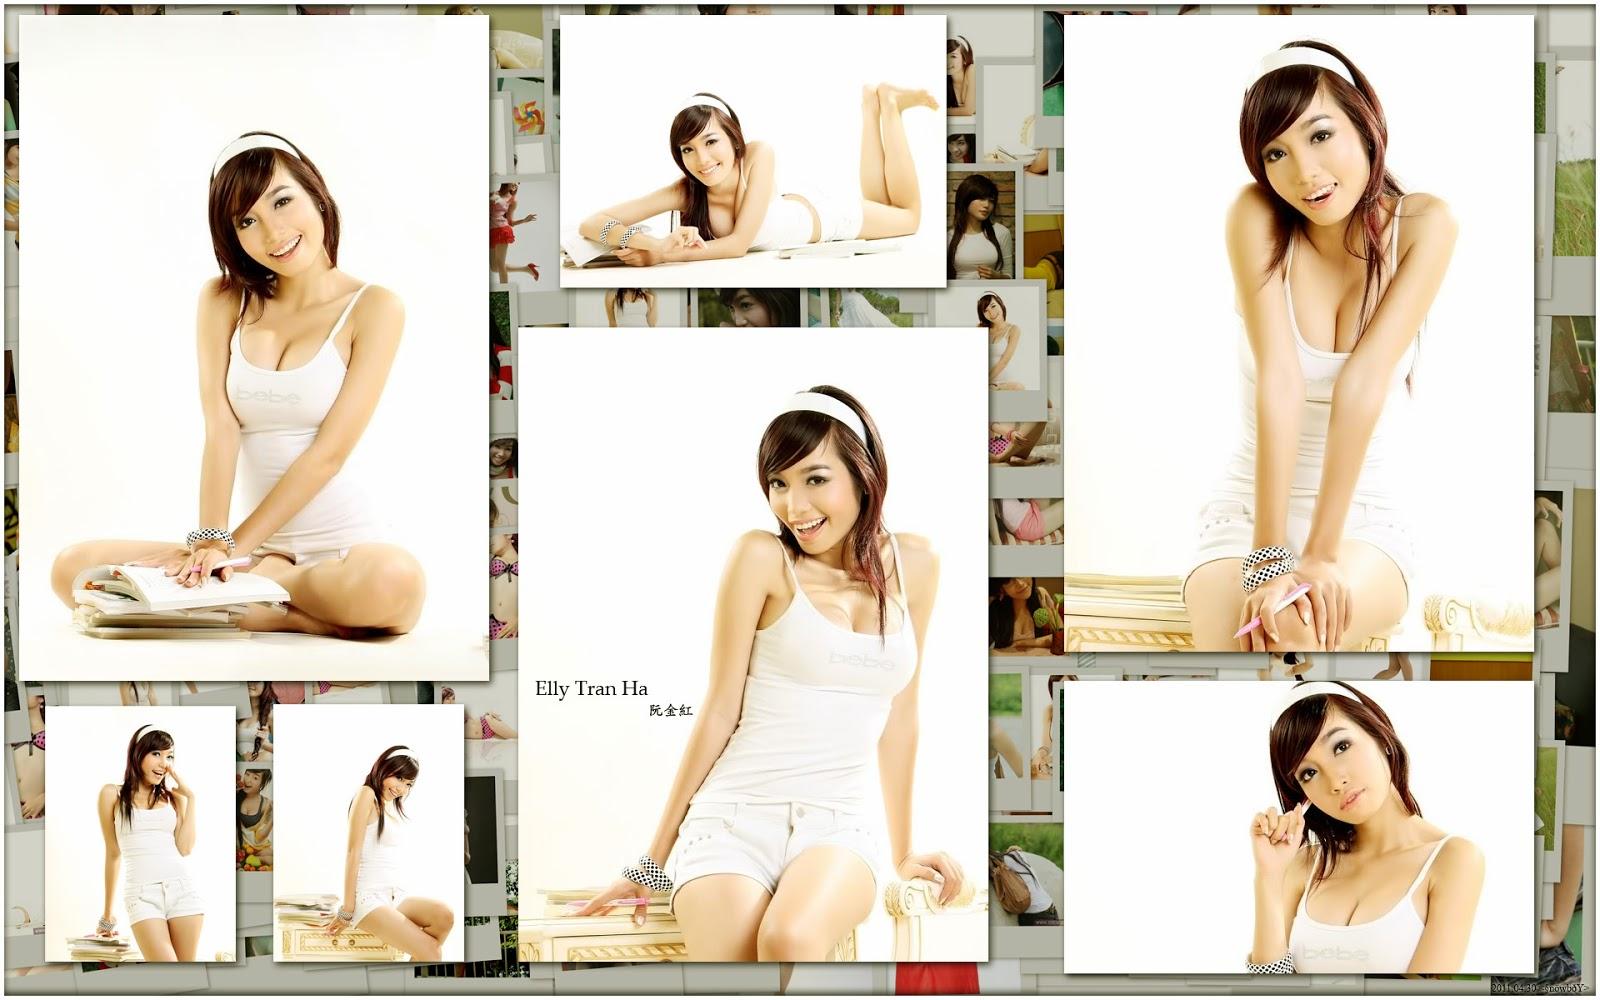 Elly Tran Ha Young Supermodel Foto Pic Imagen Photo Kootation Com ...